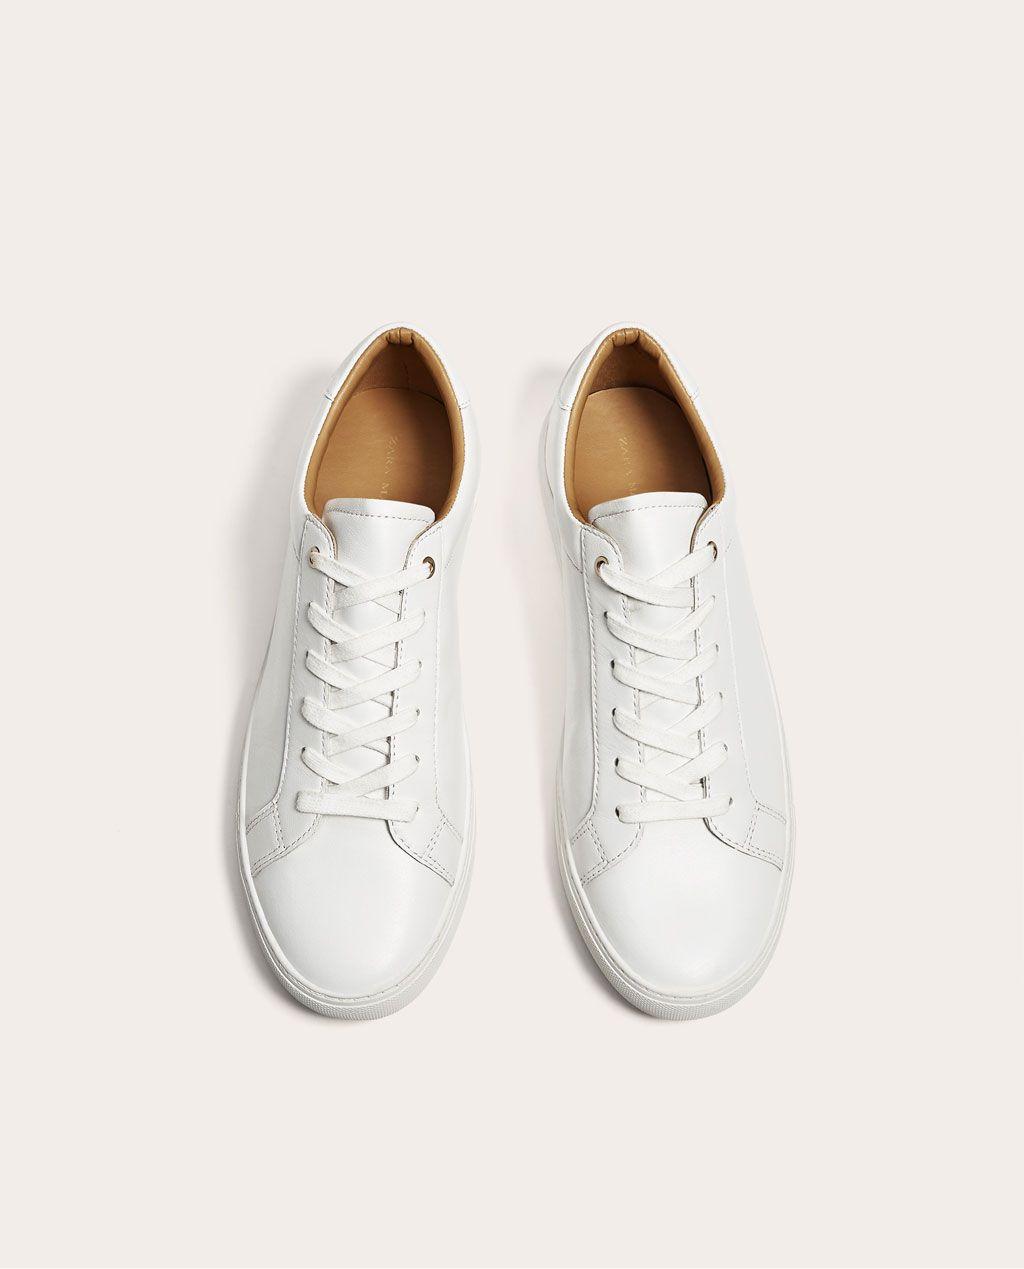 Blanco Zara Nueva Deportivo Piel Colección Colombia Hombre Zapatos 58Fx8fqw